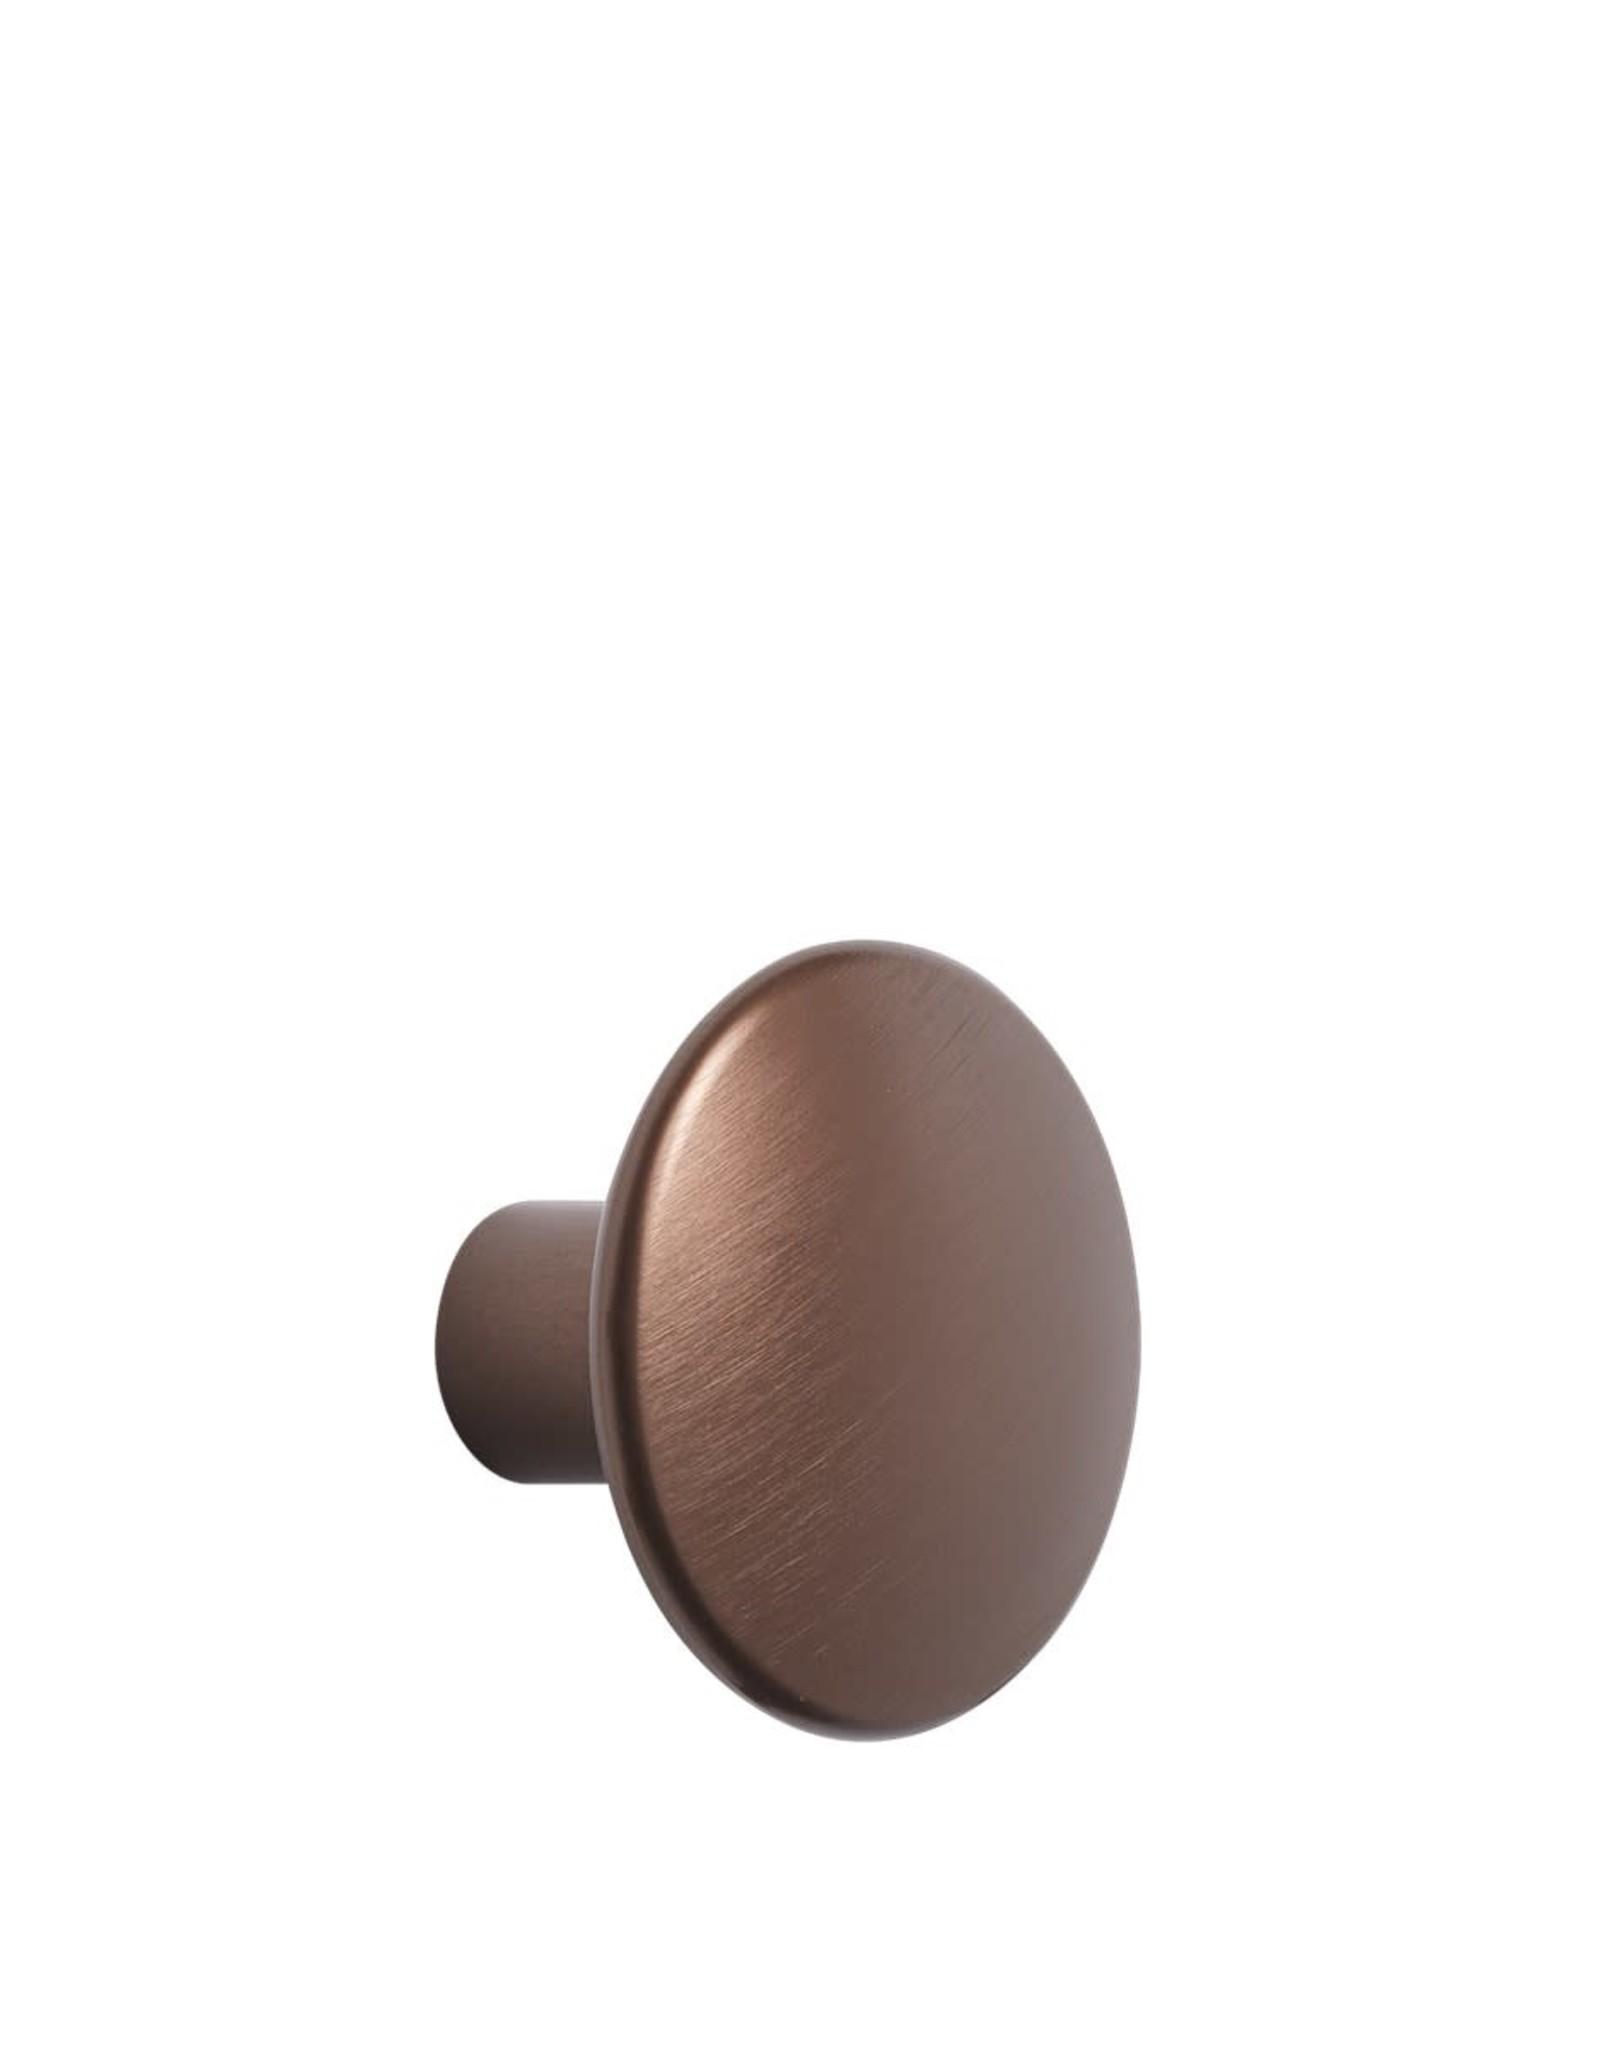 Muuto Muuto Dots Metal 3,9cm Umber